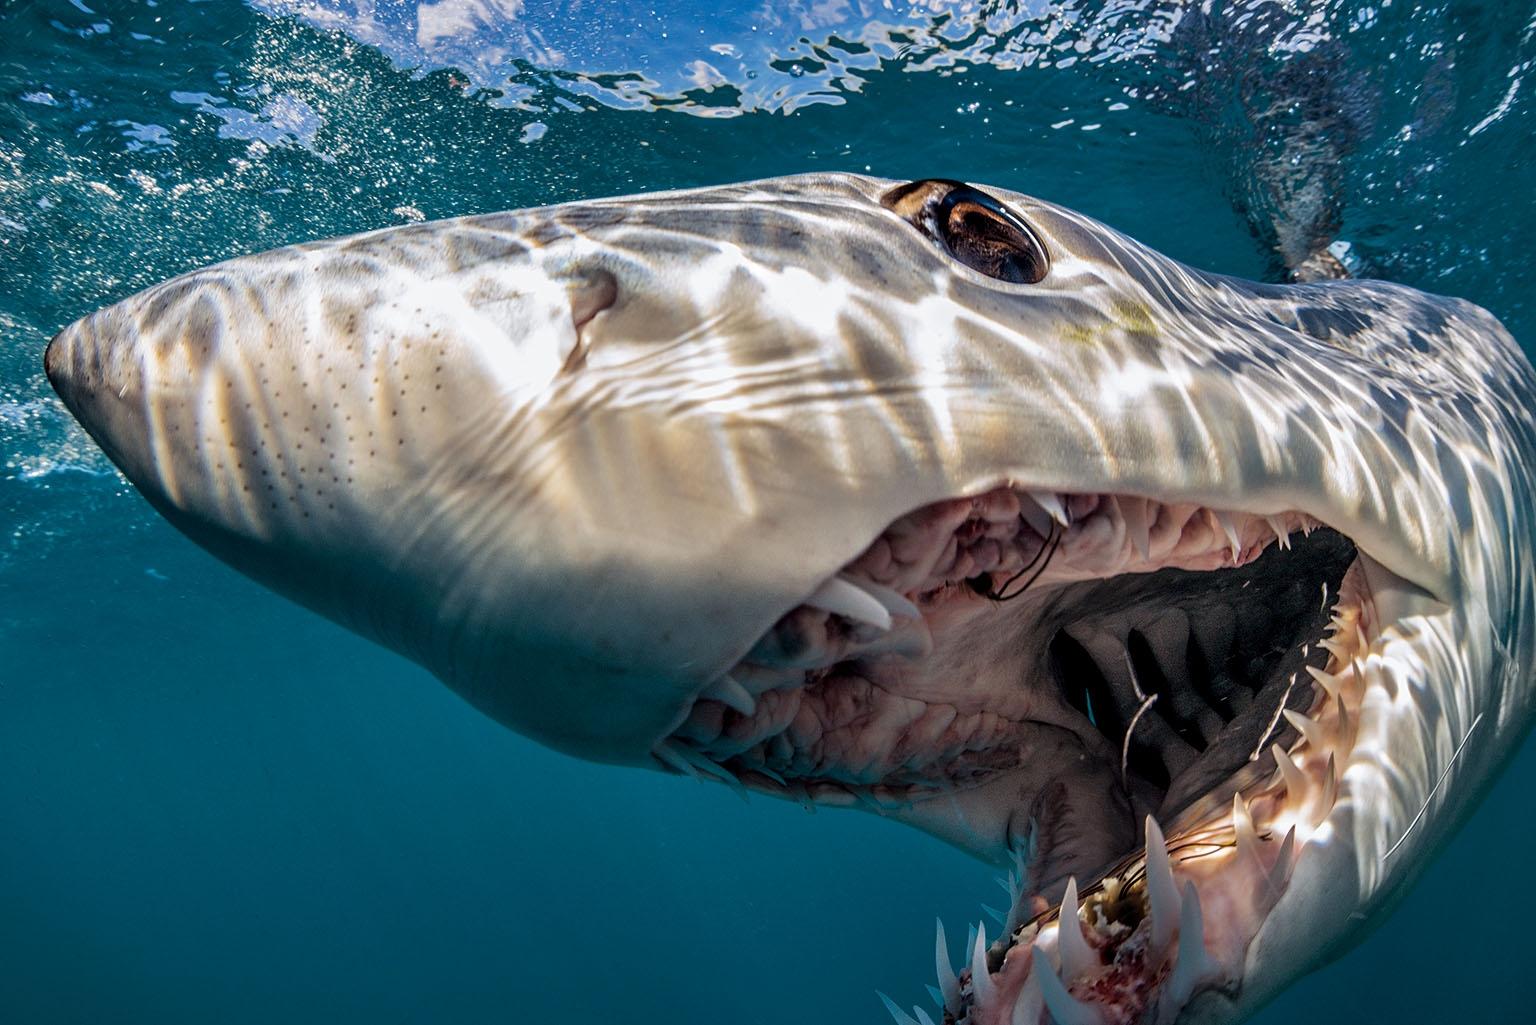 這隻尖吻鯖鯊在闖入其領域的人類面前快速游過,宣告自己在紐西蘭外海不容忽視的地位。 攝影:布萊恩.史蓋瑞 Brian Skerry